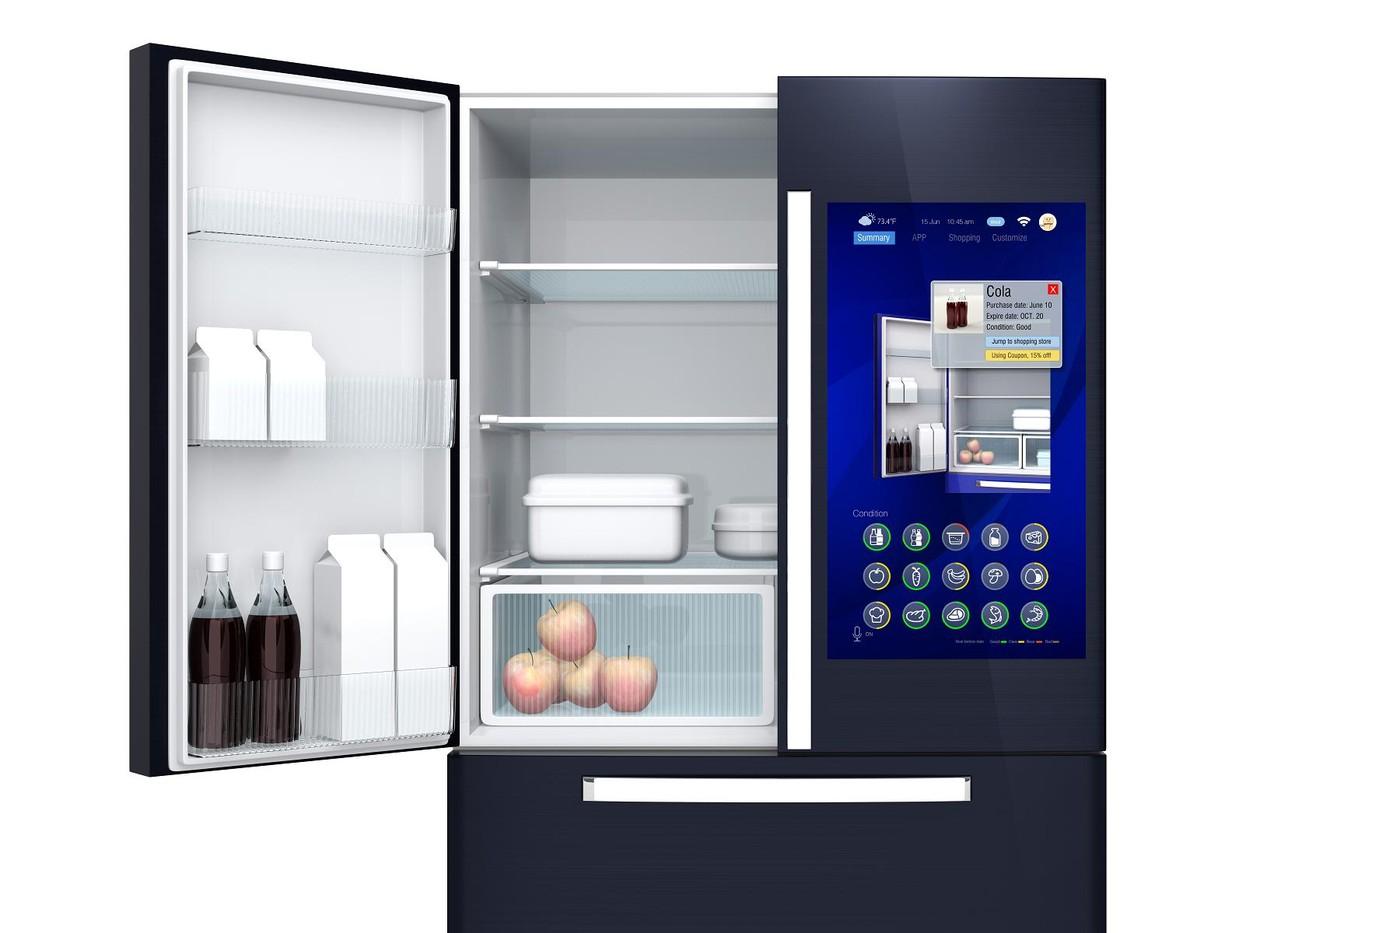 微軟宣布將開放智慧助理Cortana,讓冰箱、烤吐司機等家電更聰明!